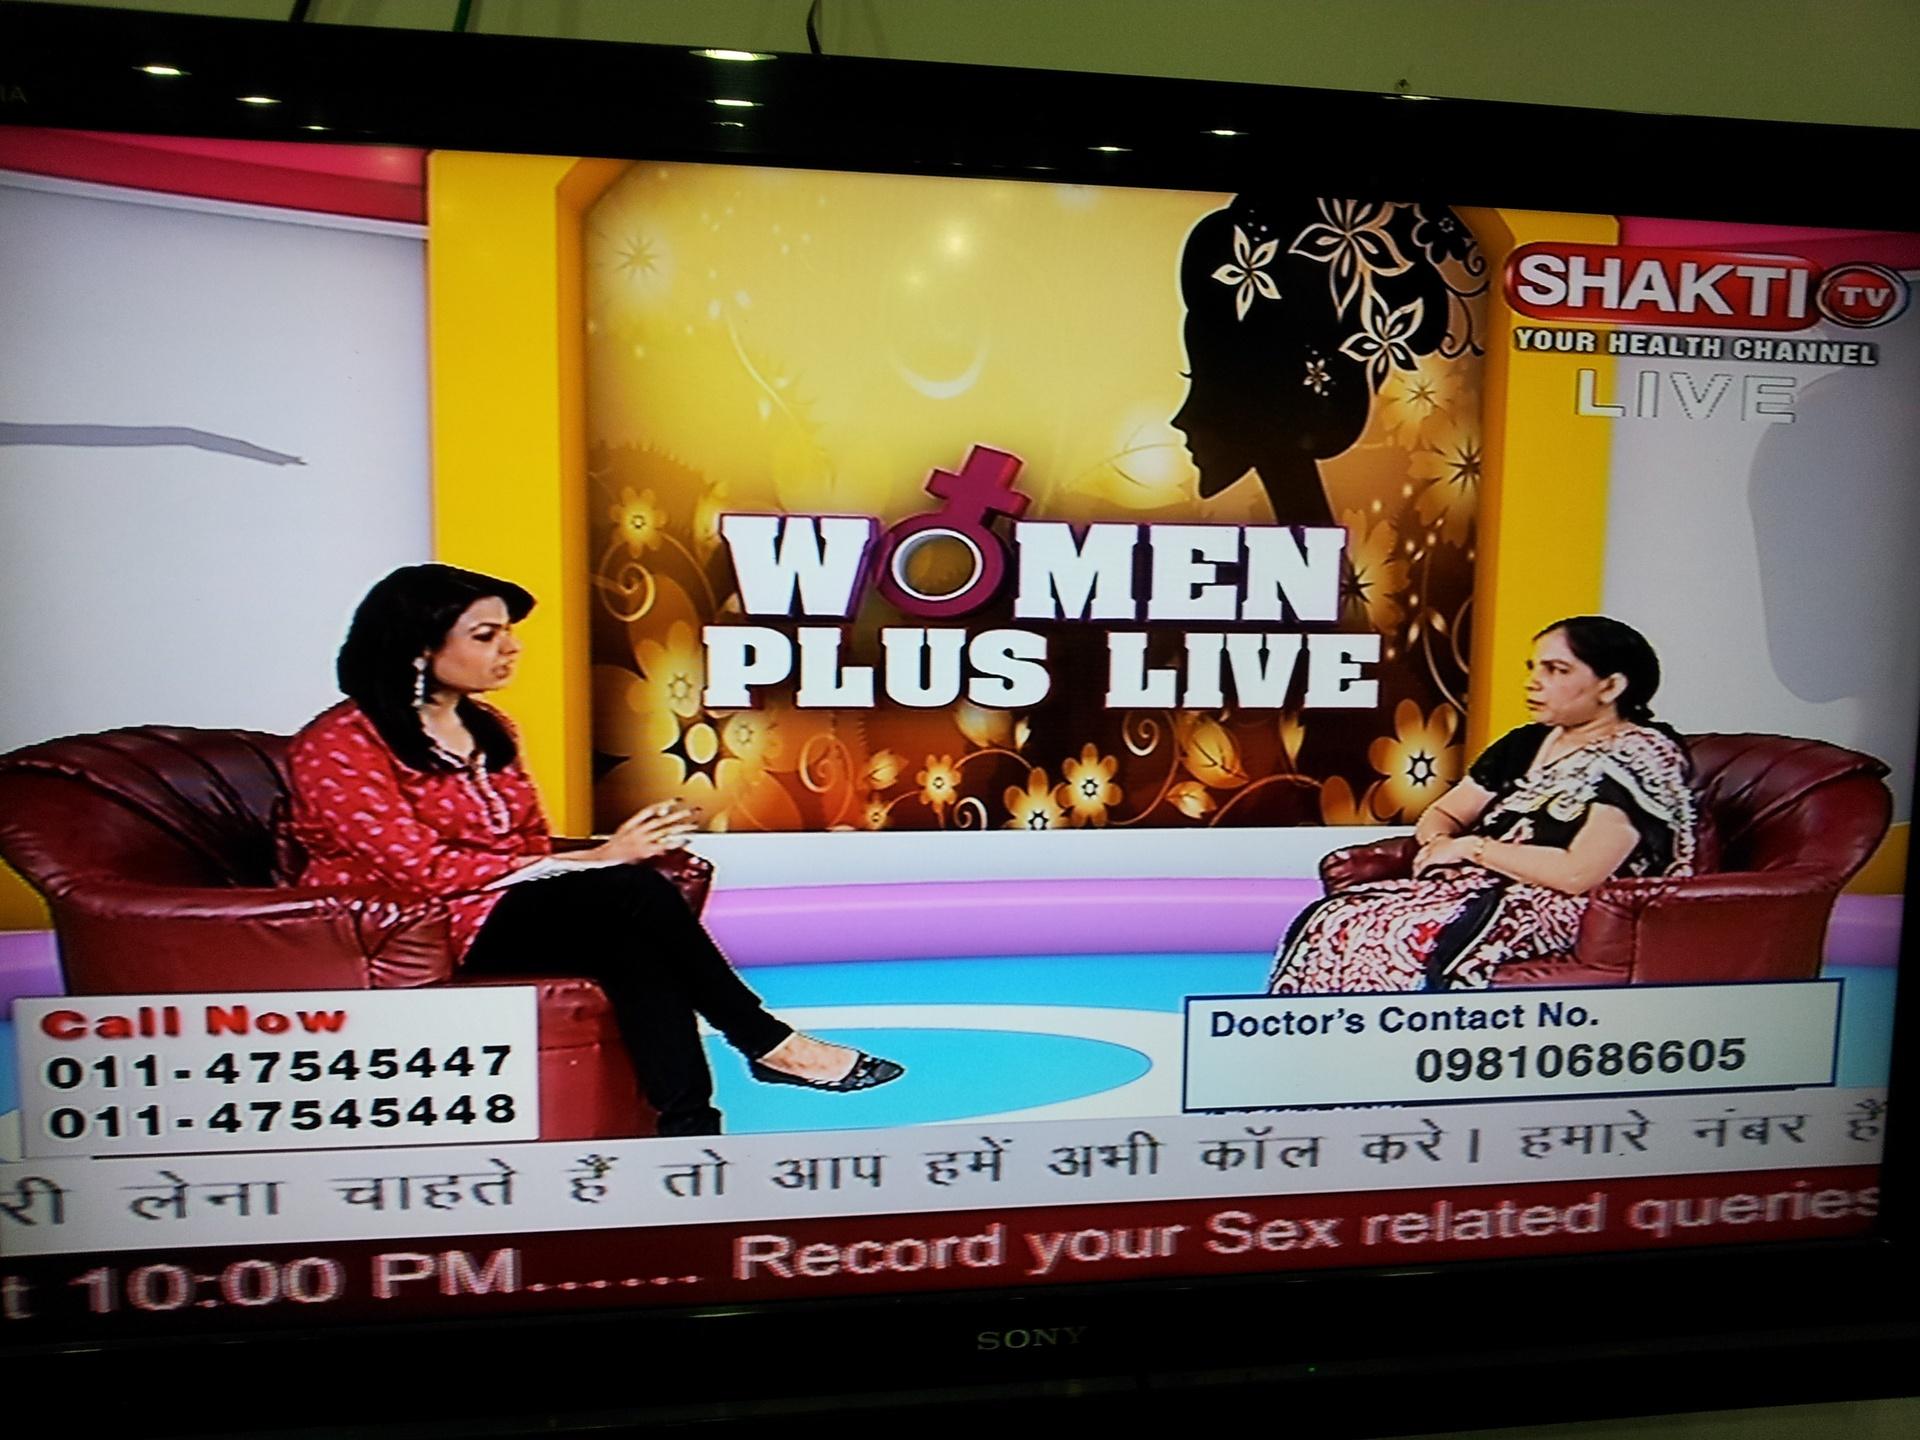 Women Plus Live- Snap Shot3